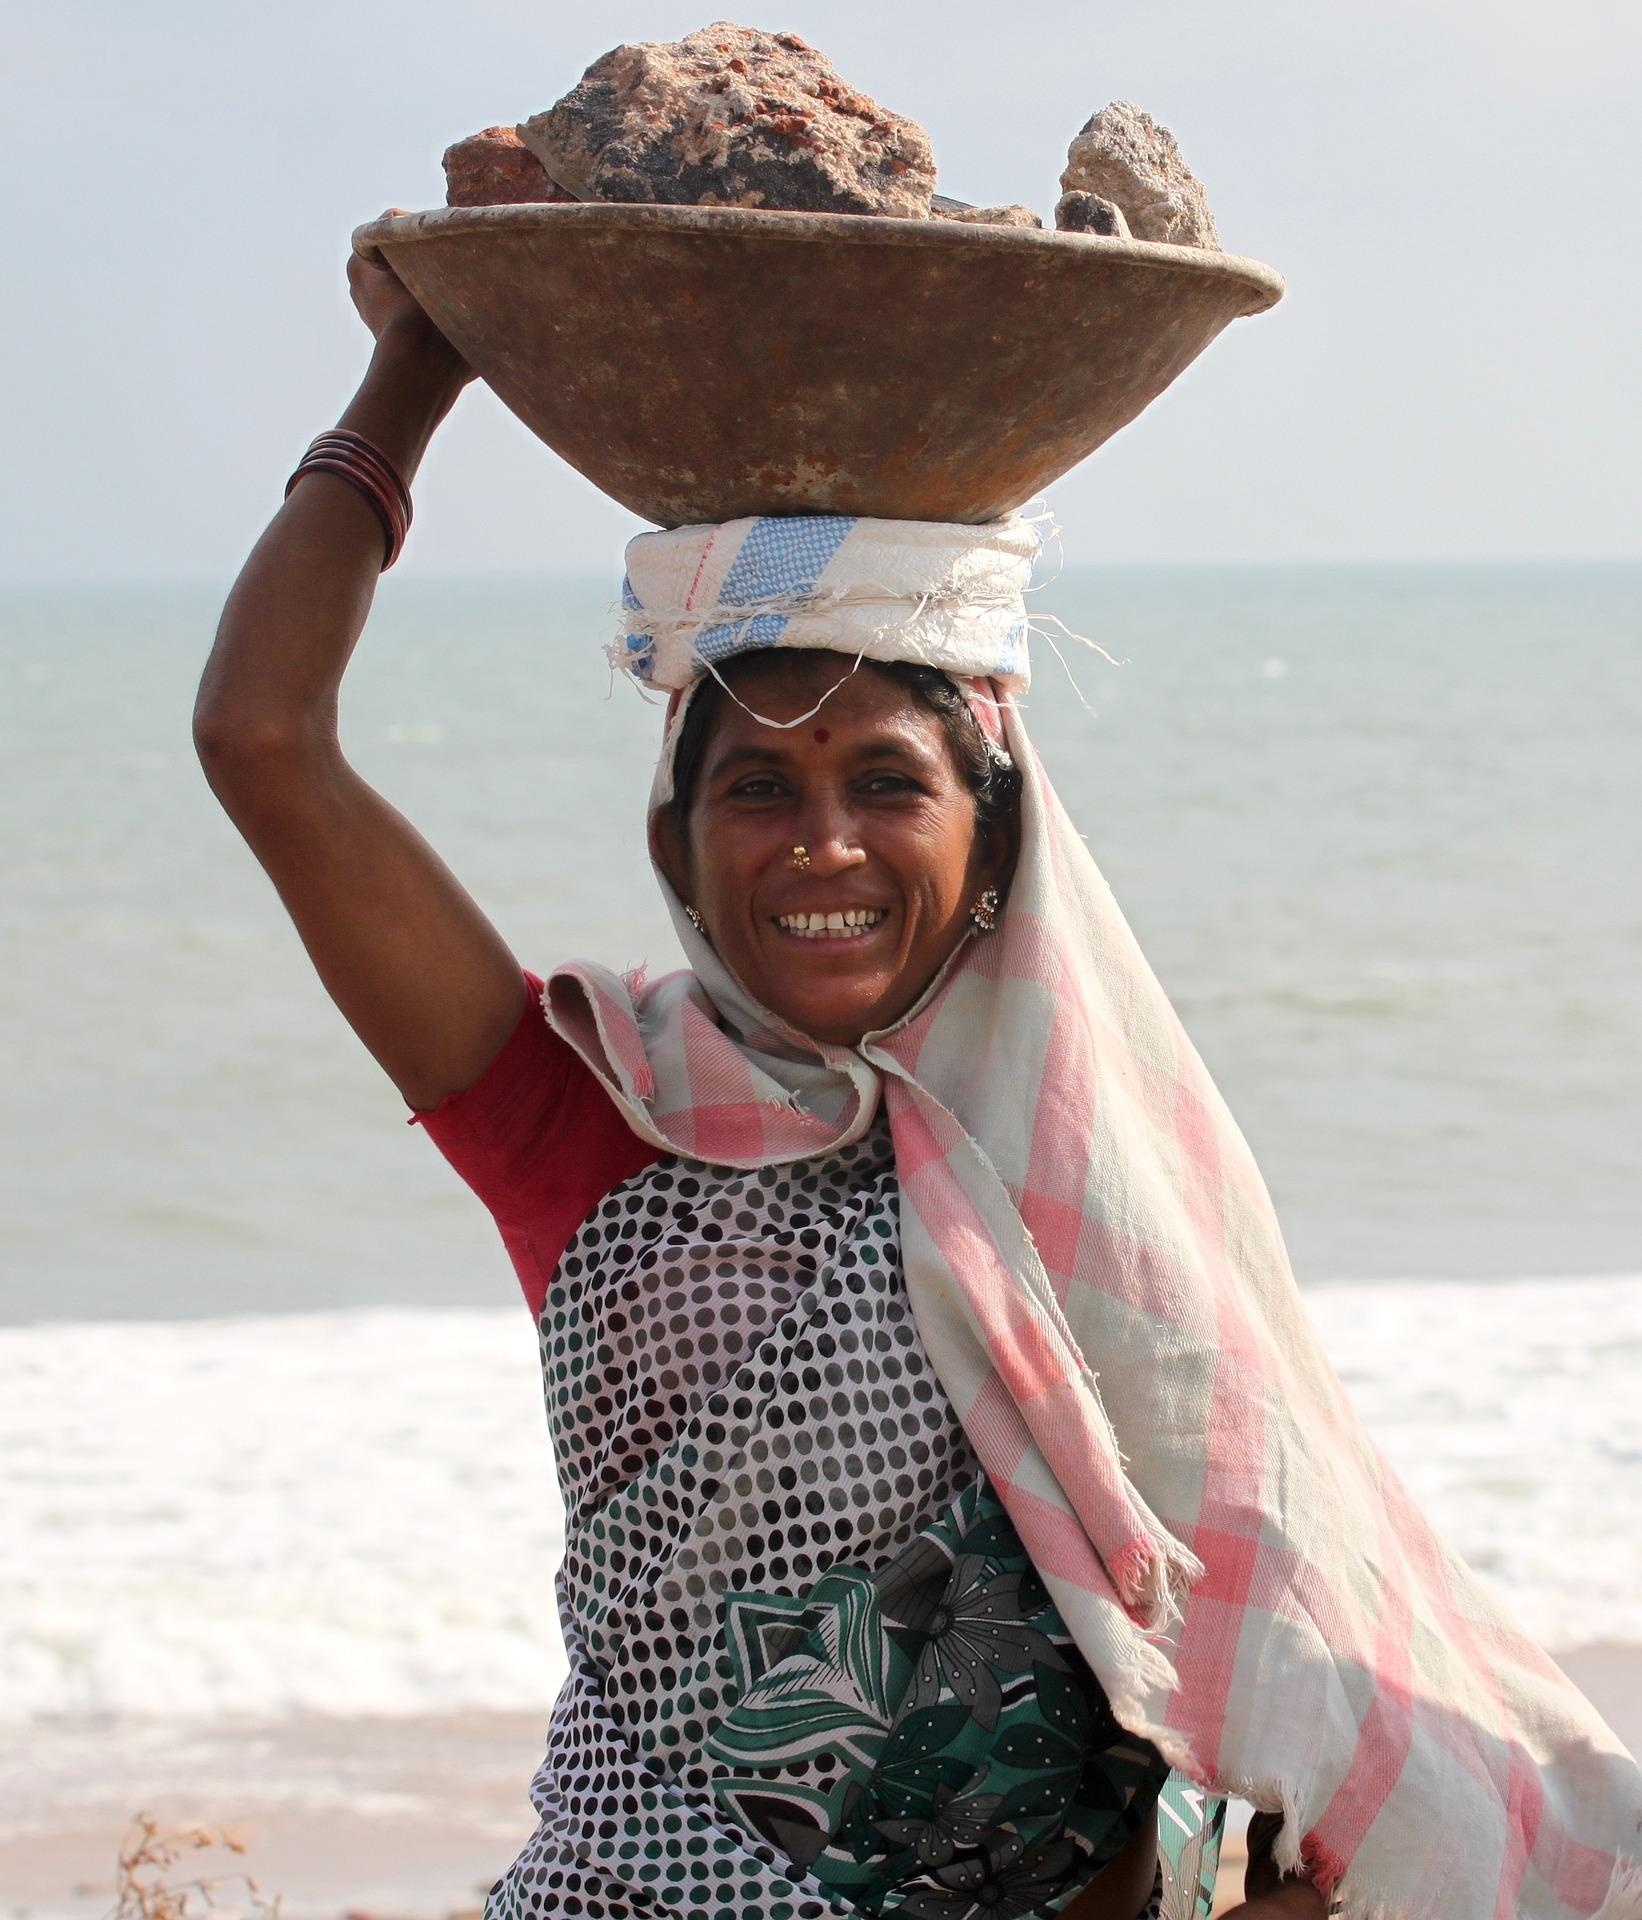 india-995216_1920